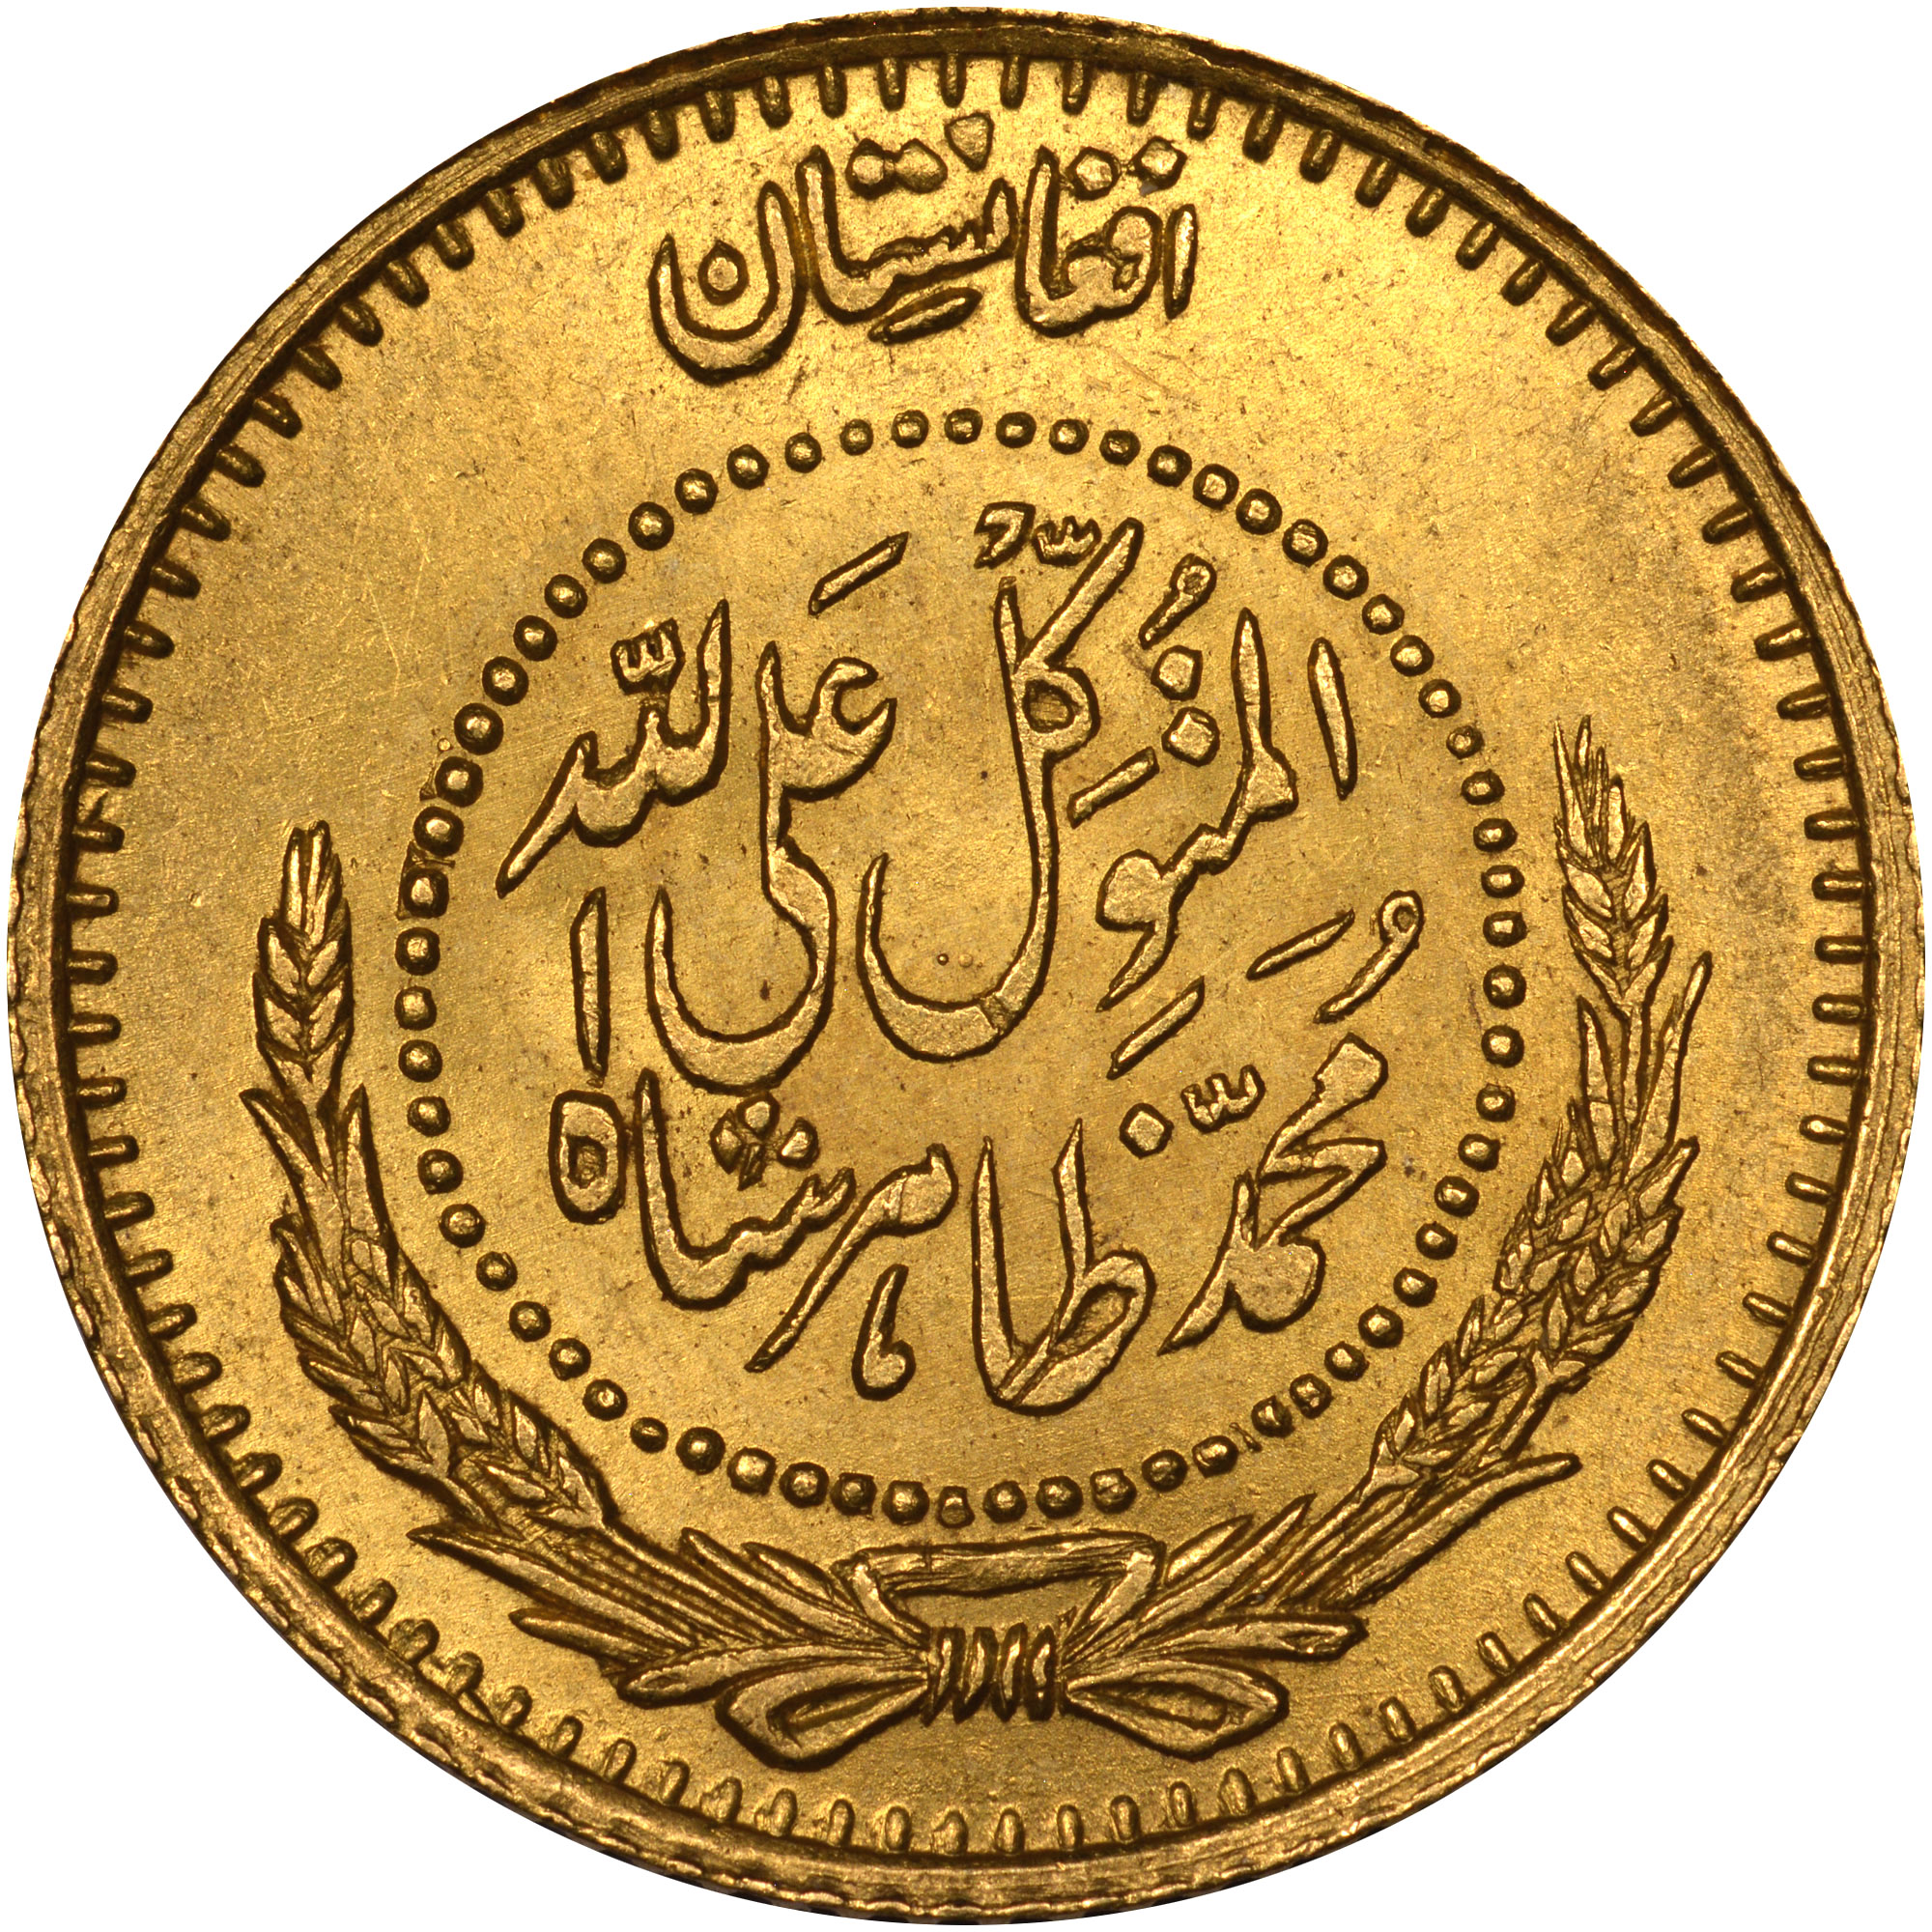 1315 (1936)-1317 (1938) Afghanistan 4 Grams reverse